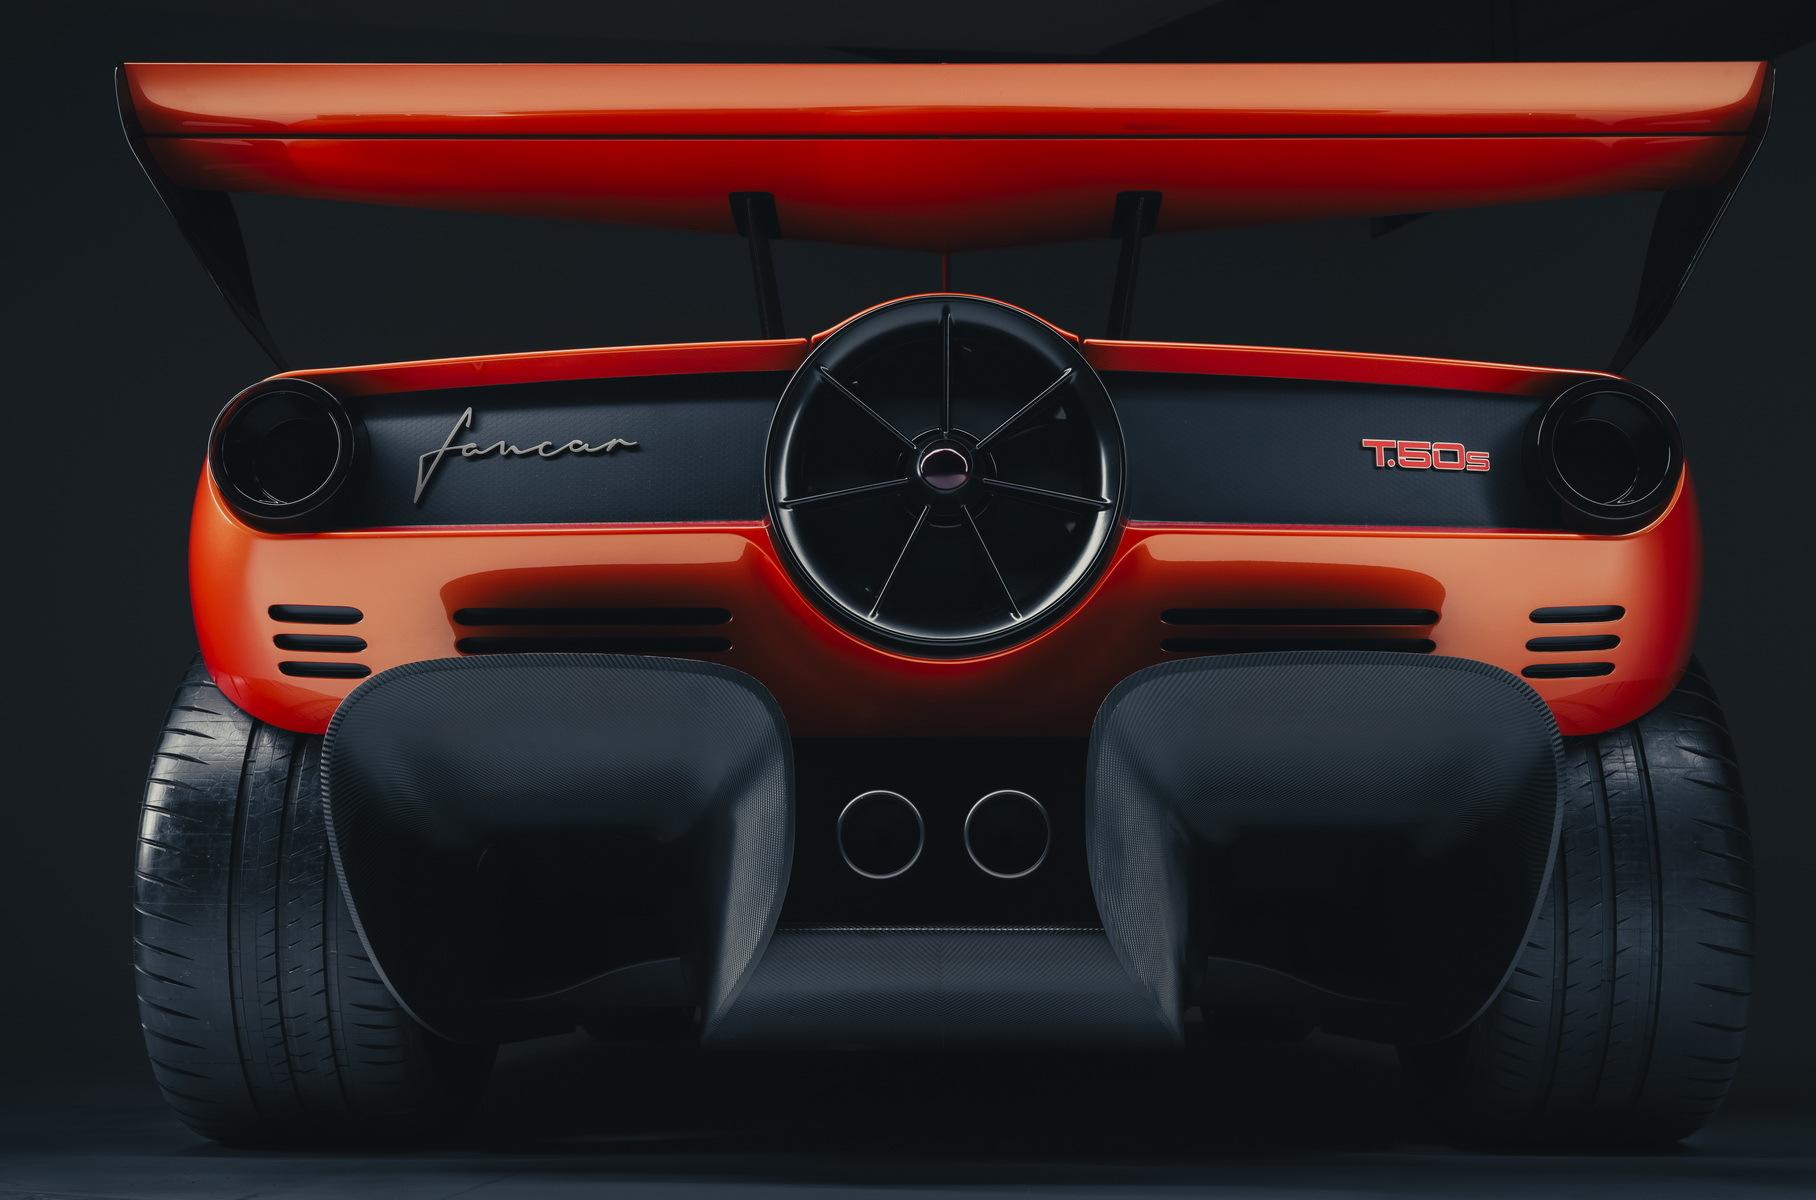 GMA официально представил T.50s с приставкой Niki Lauda – суперкар назван в честь победителя «Формулы» 1978 года на Brabham BT46B Гордона Мюррея. Автомобиль без допуска на дороги общего пользования выйдет тиражом в 25 единиц.